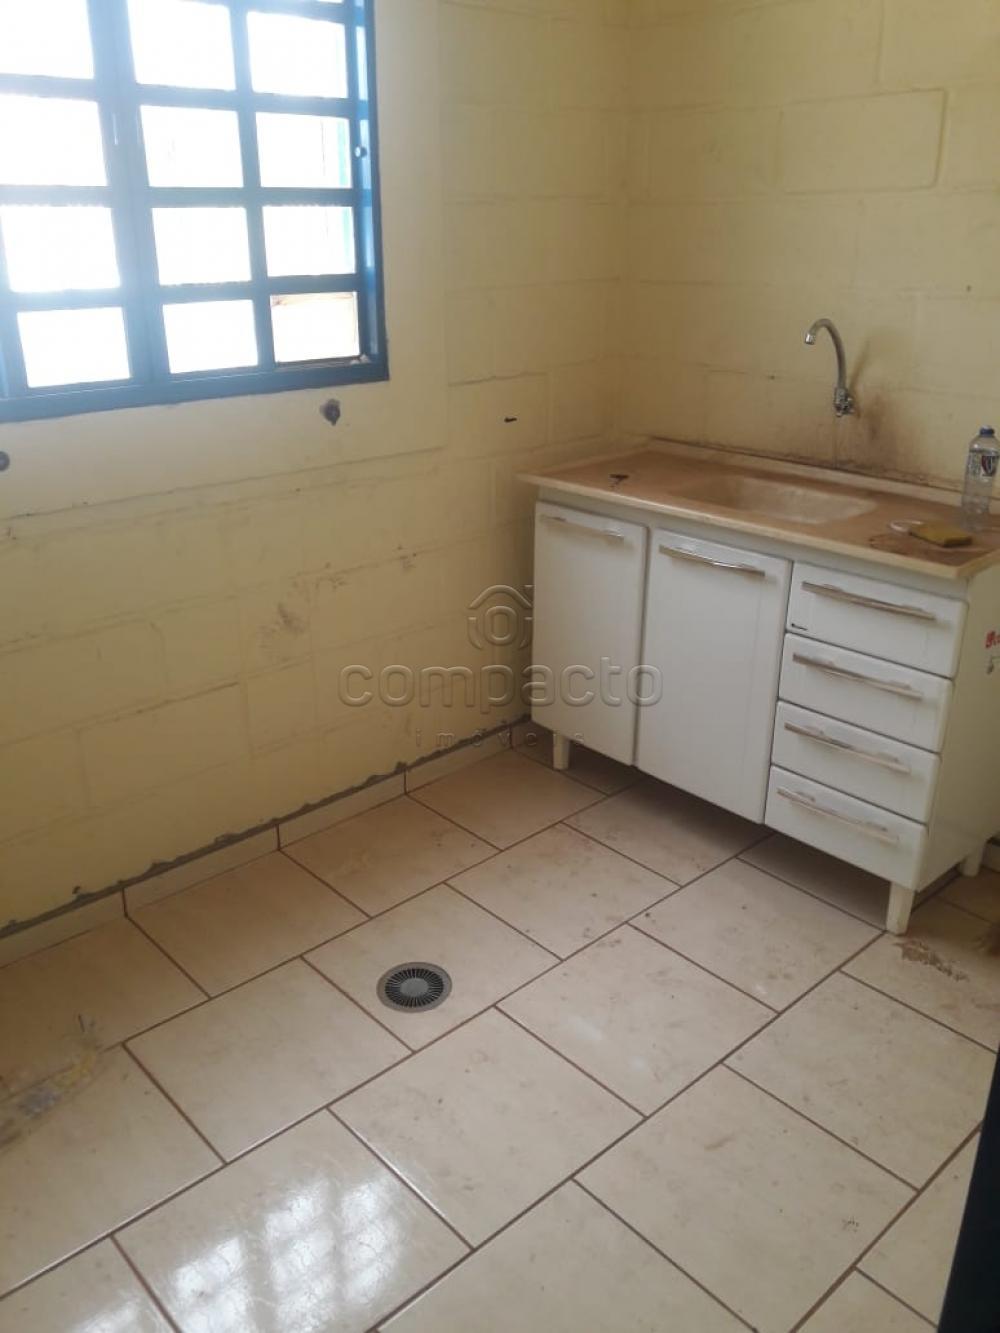 Alugar Comercial / Galpão em Mirassol apenas R$ 2.500,00 - Foto 5